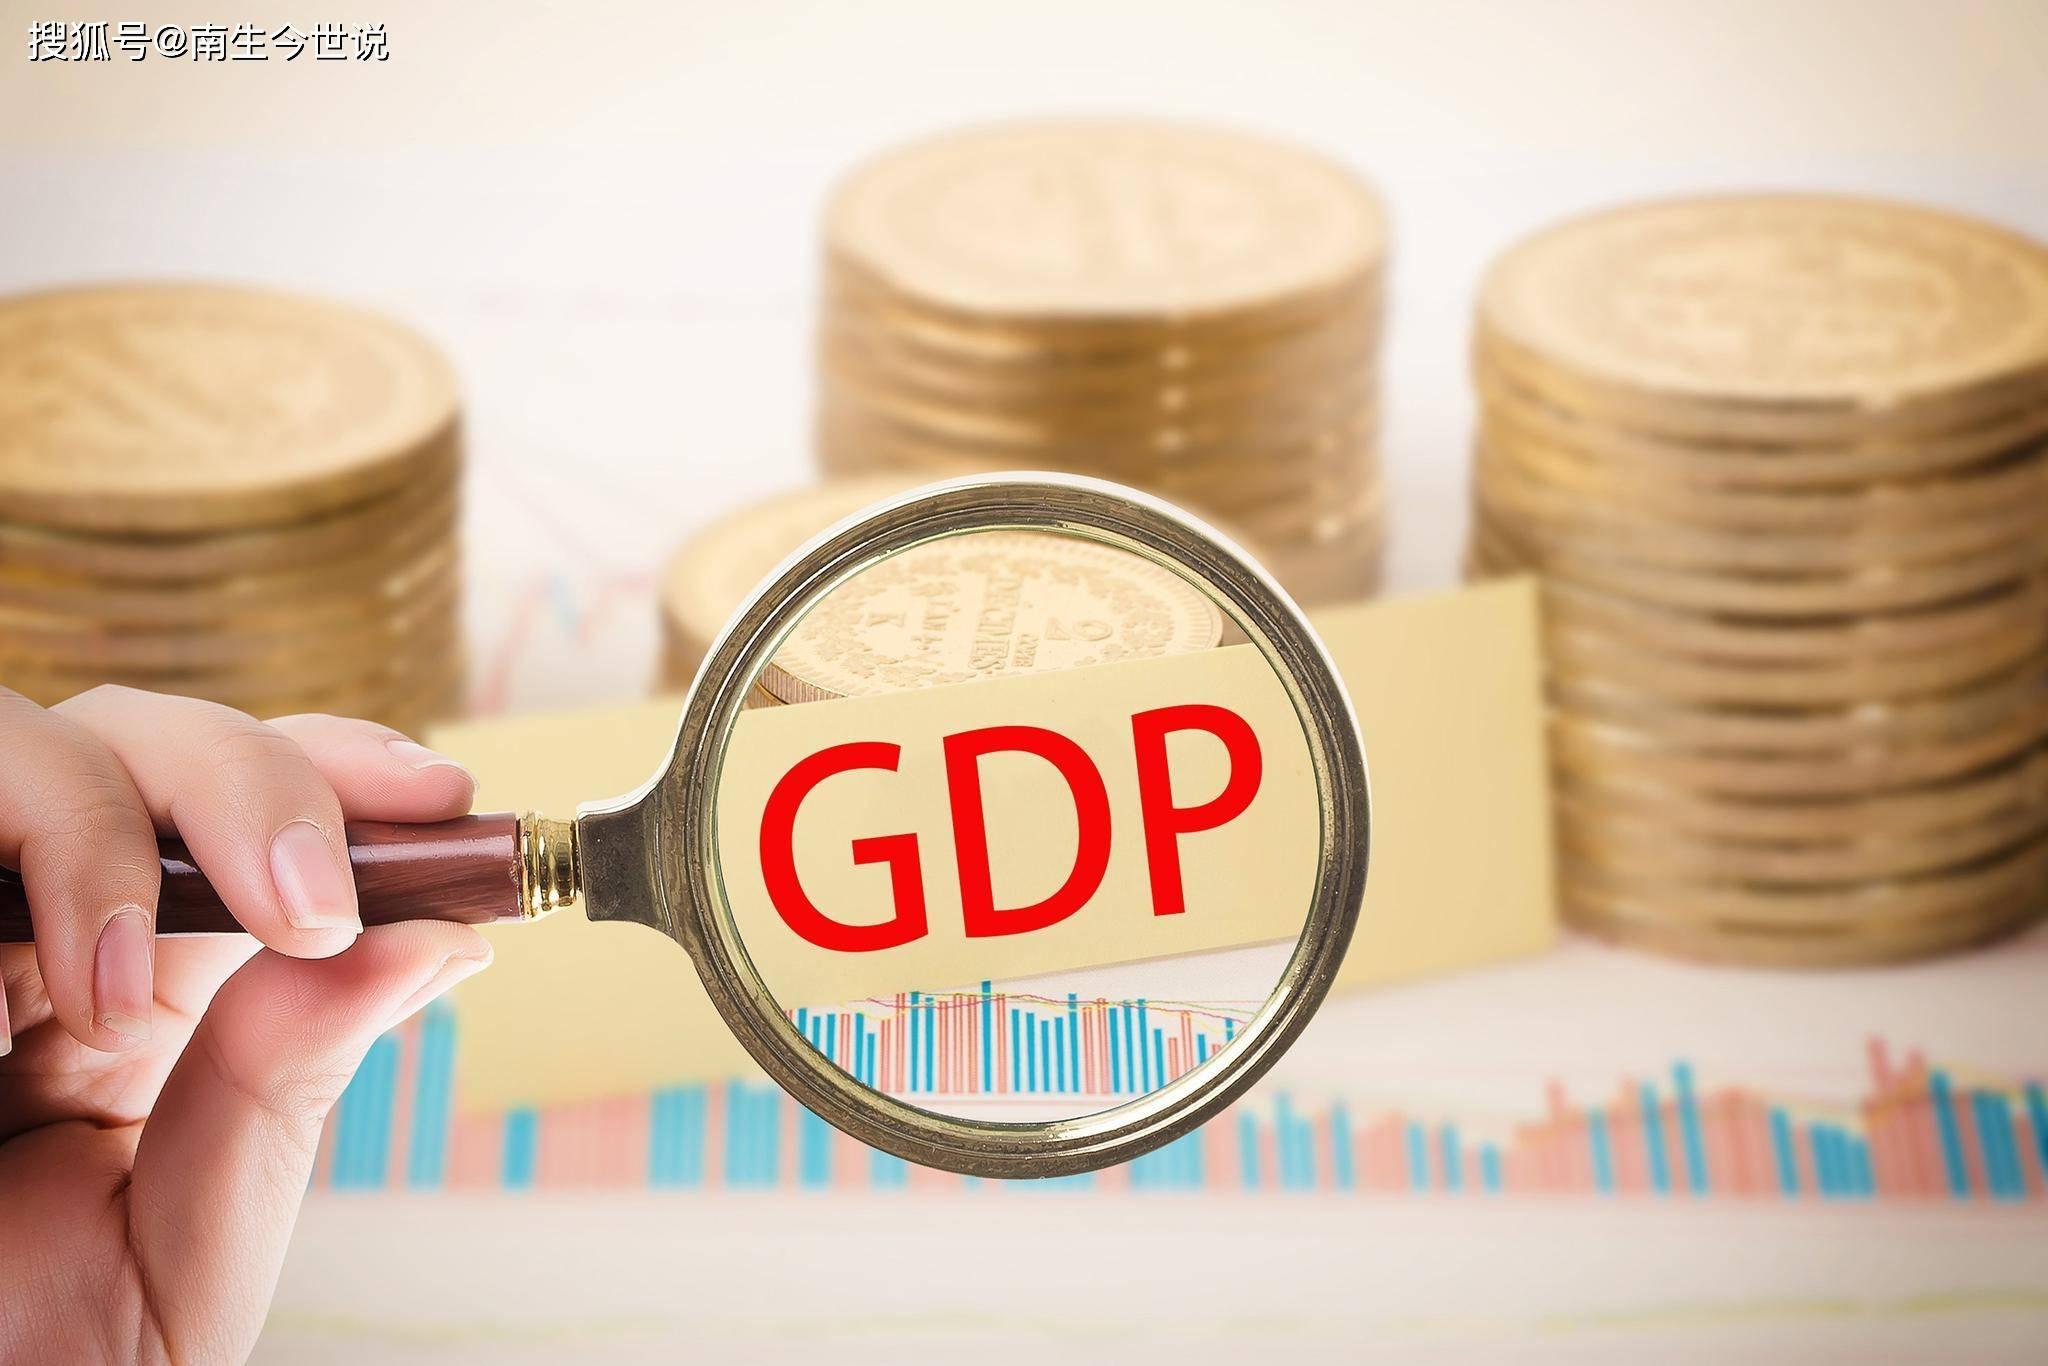 上海人均gdp美元_新加坡GDP是上海的1.6倍,人均GDP更有5倍的差距,现在谁更胜一筹